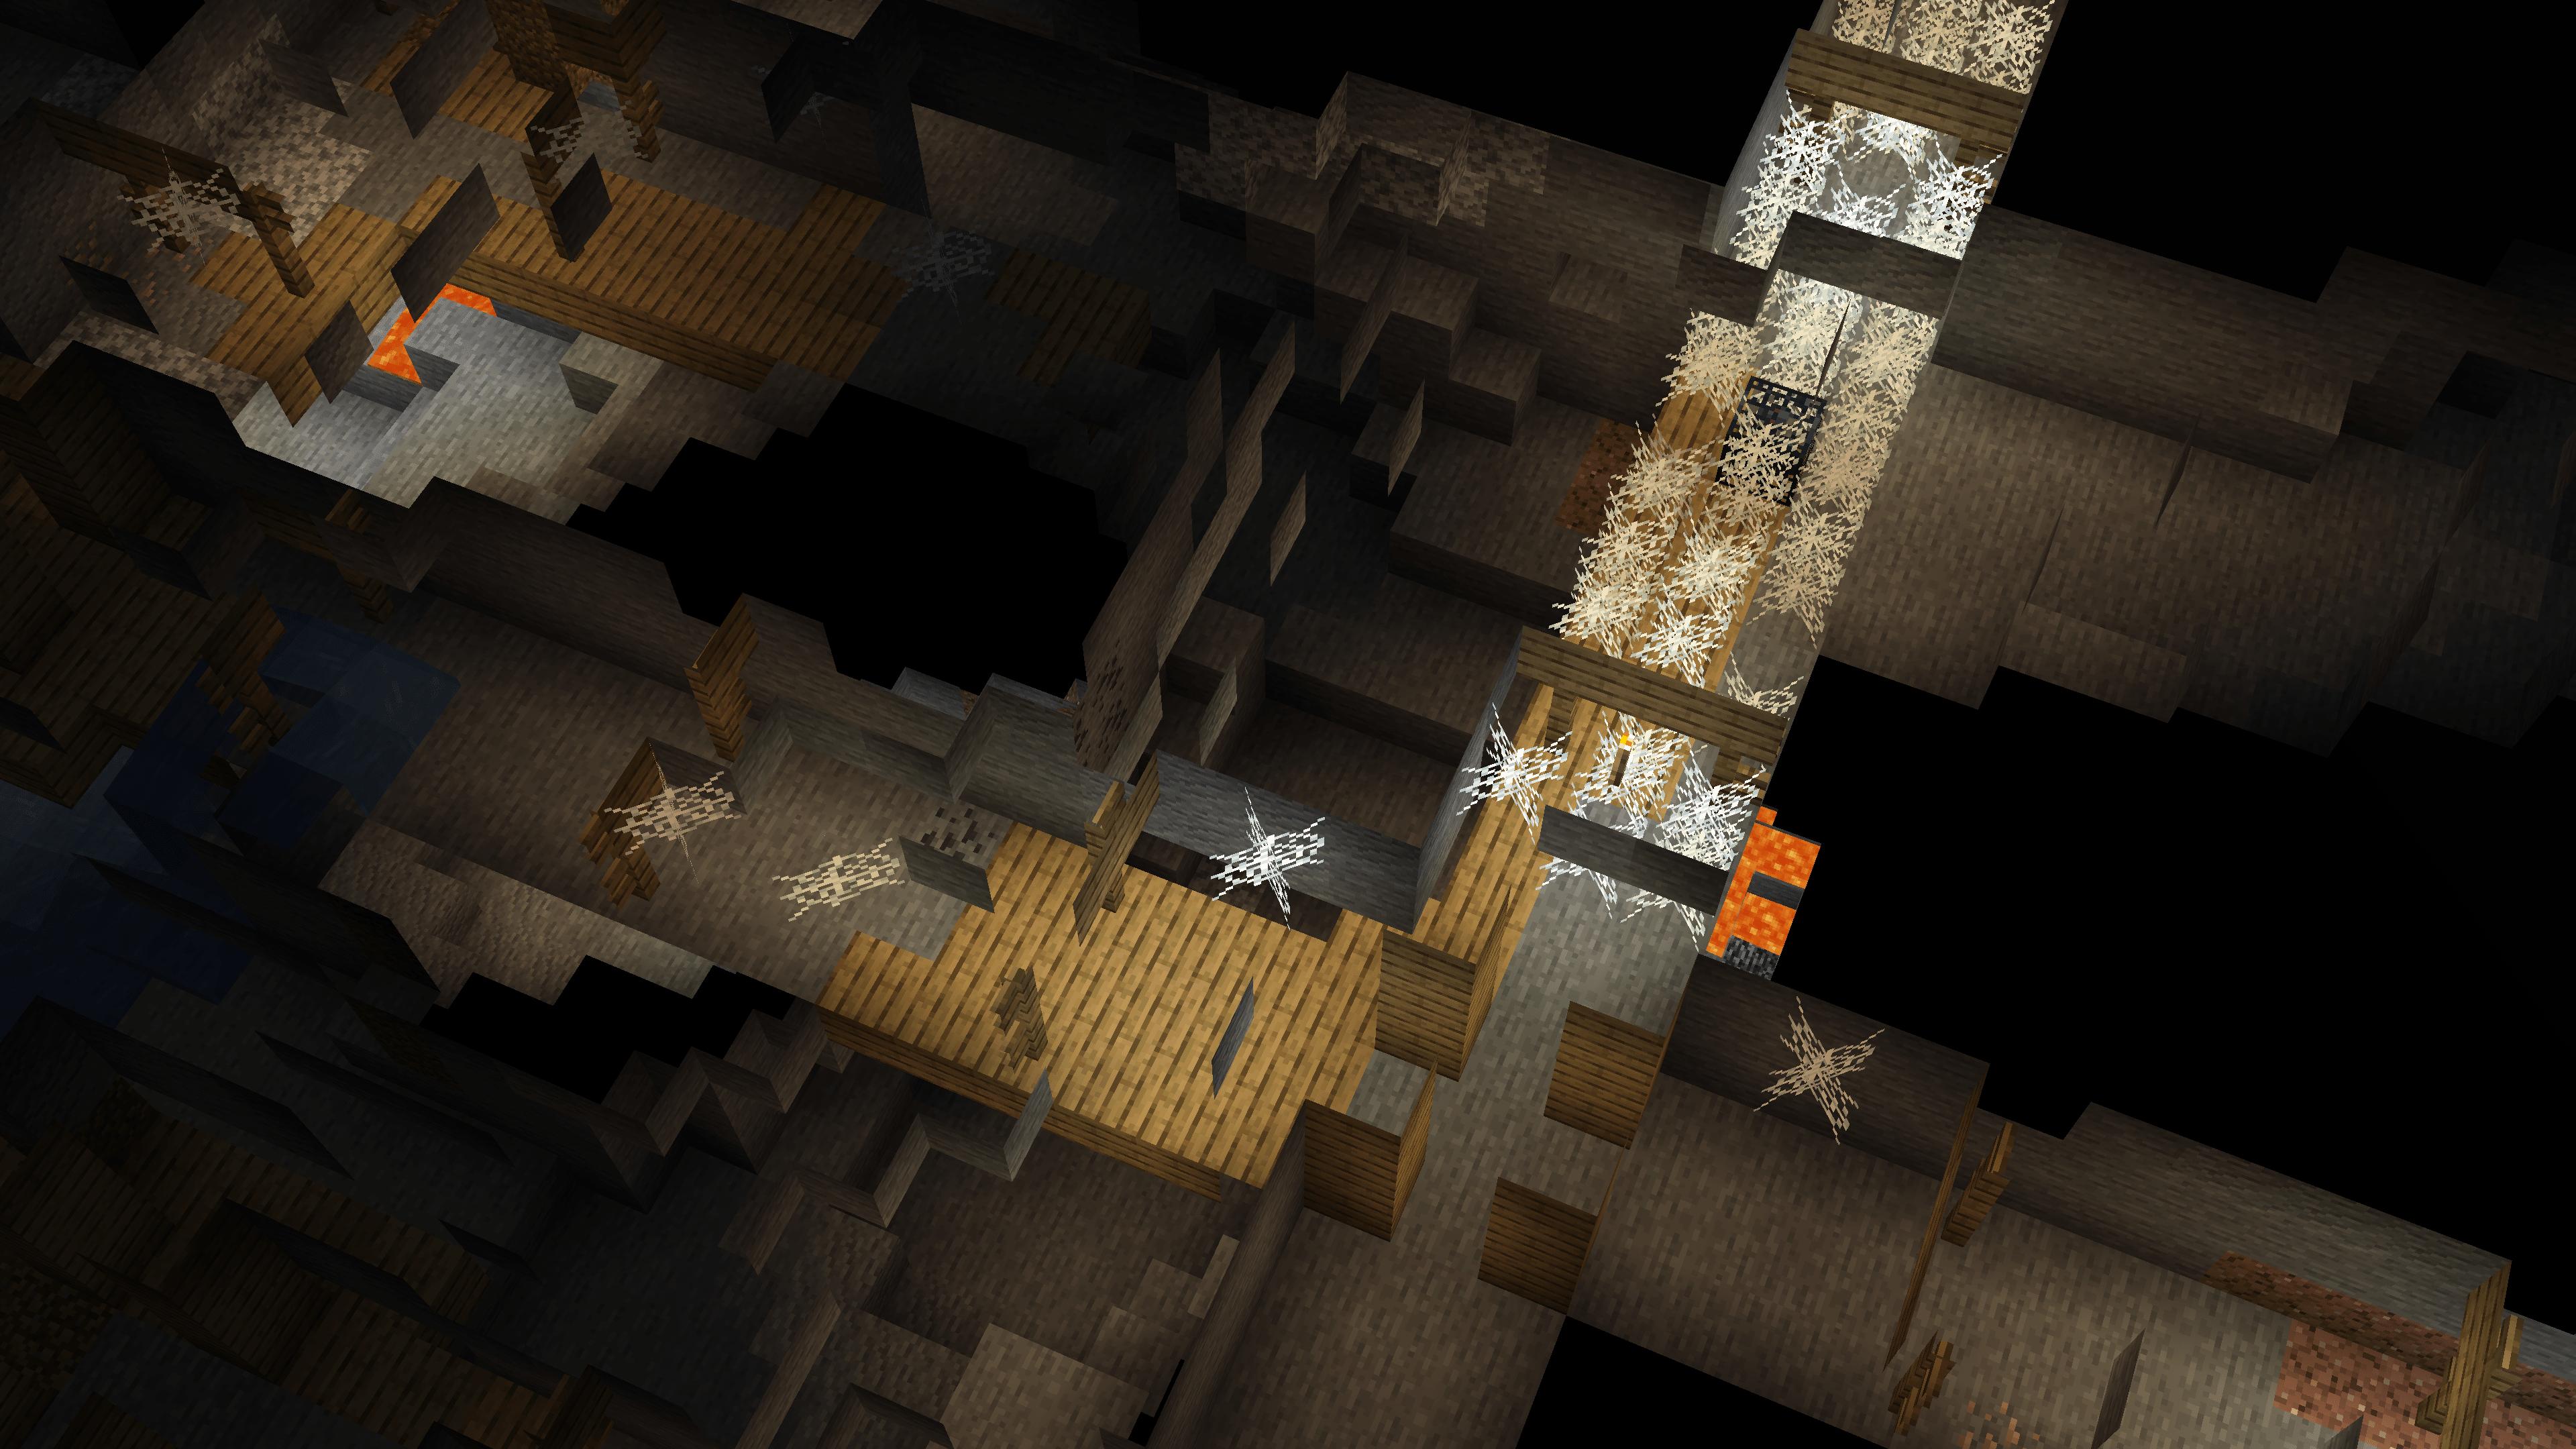 Vedete questo immenso labirinto? È una miniera abbandonata su Minecraft. E in questo post vedremo come trovare le miniere abbandonate nel gioco per esplorarle ed arricchirsi.